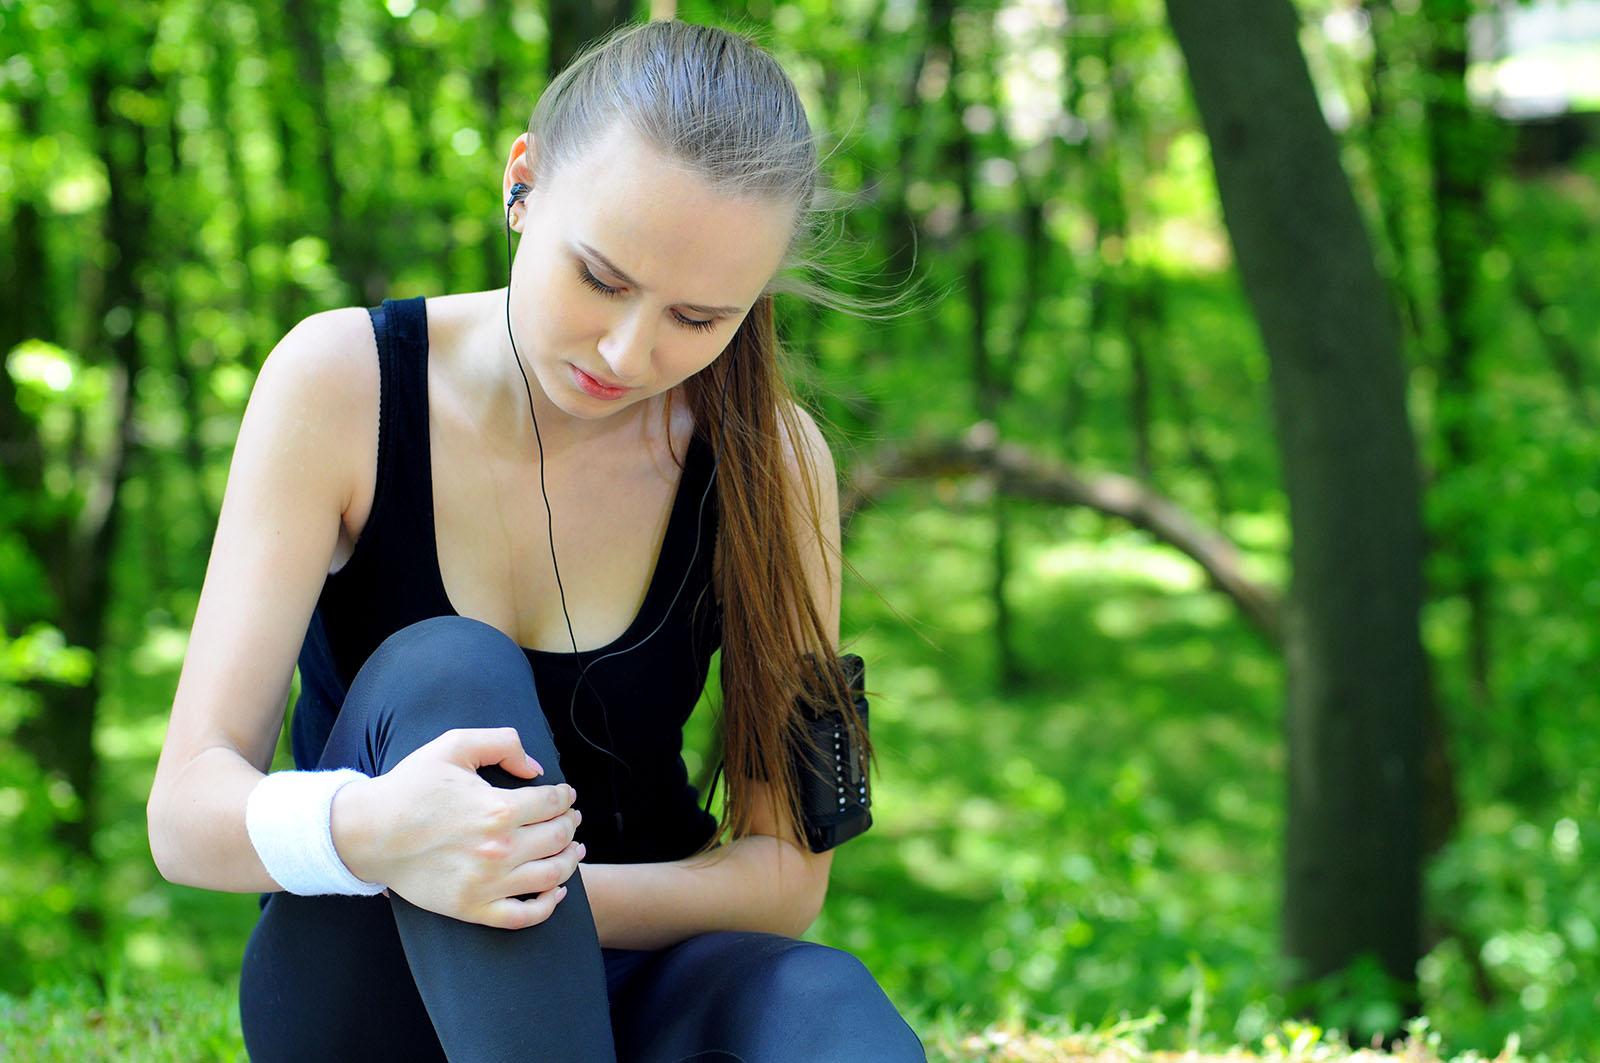 Female runner battling a sore knee